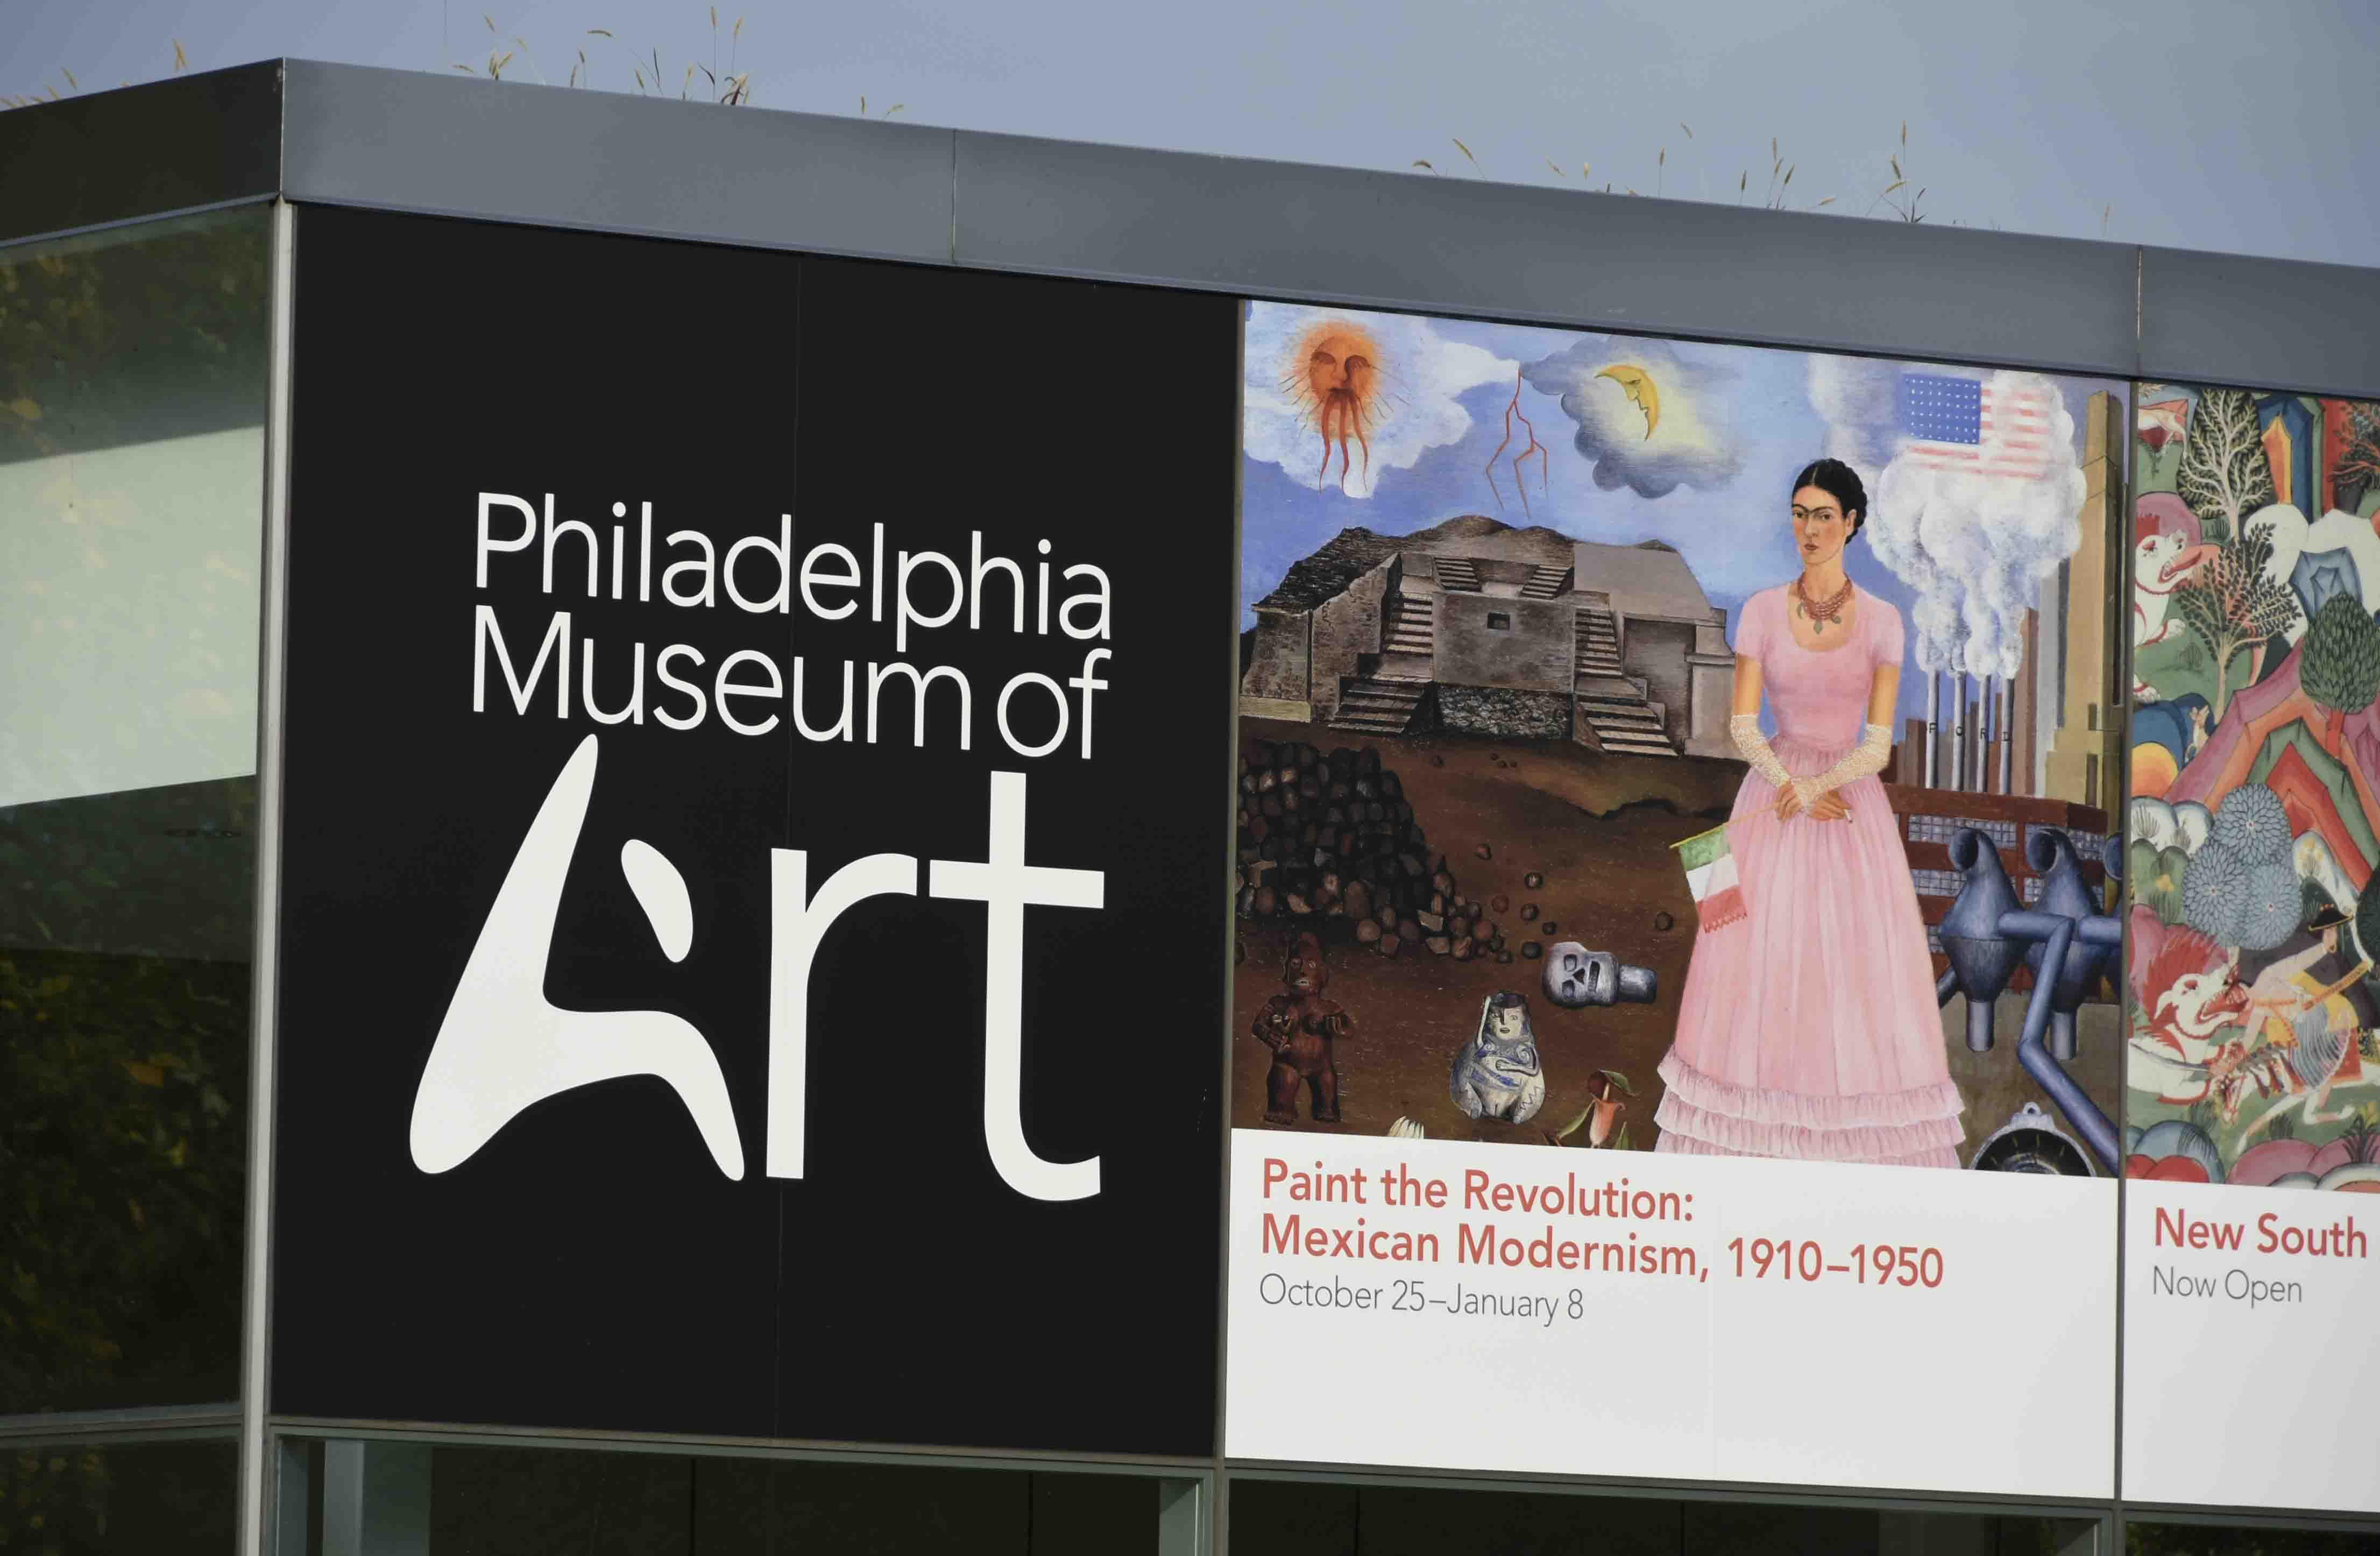 La Canciller inaugura en Filadelfia la exposición de arte moderno mexicano más completa que se ha presentado en Estados Unidos en los últimos 70 años